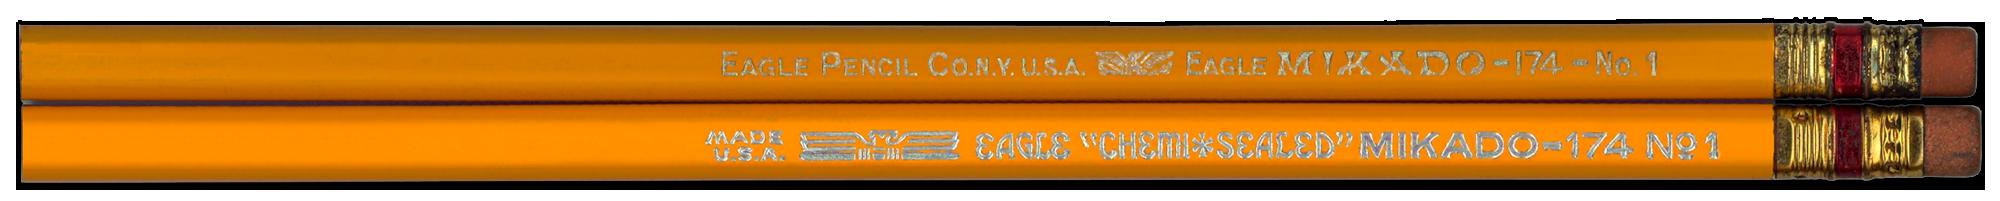 Mikado pencils by Eagle